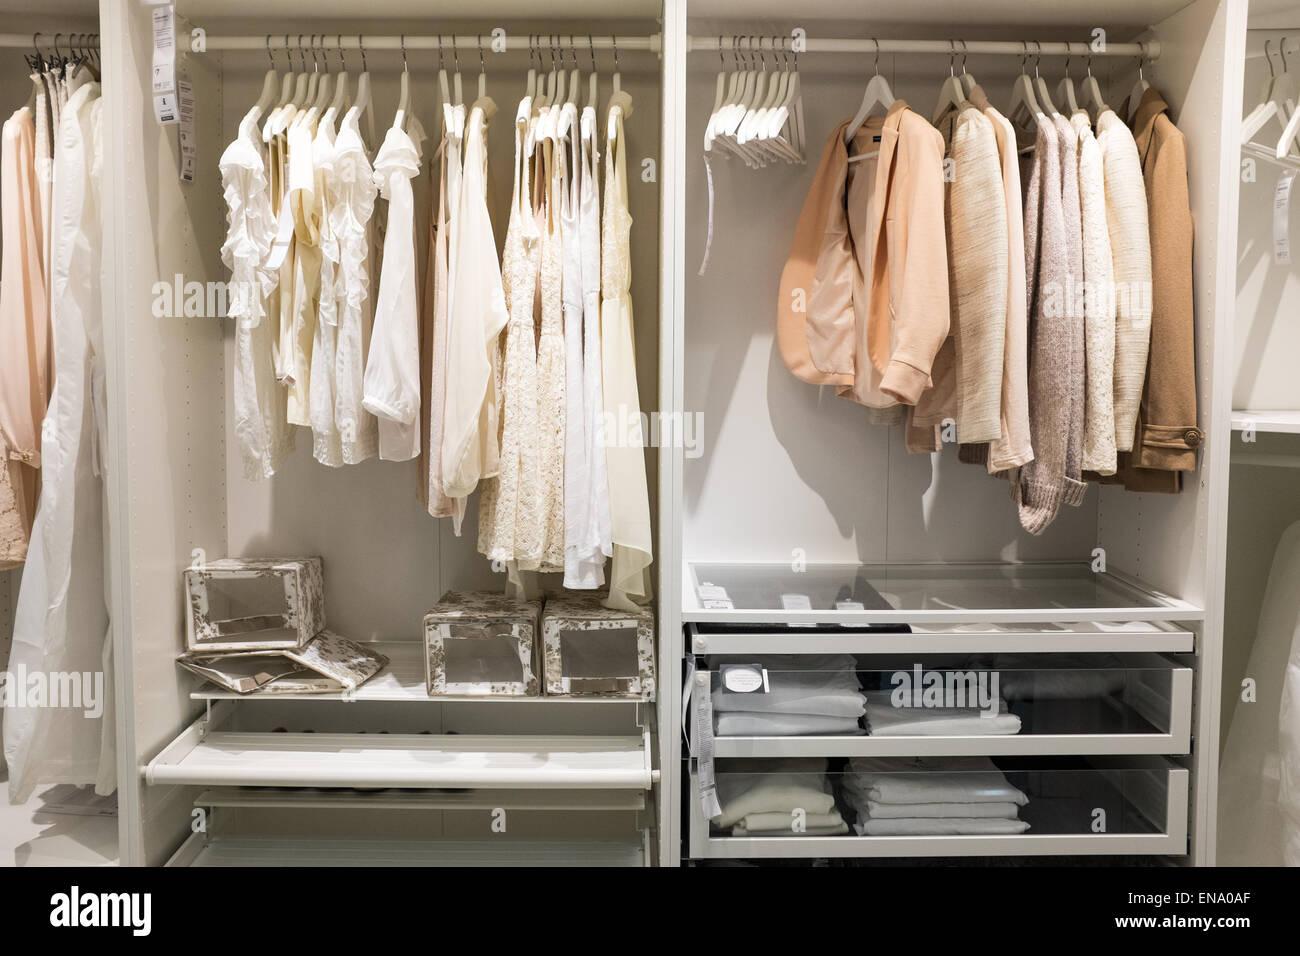 Camera da letto Armadio display a Ikea con vestiti su ...